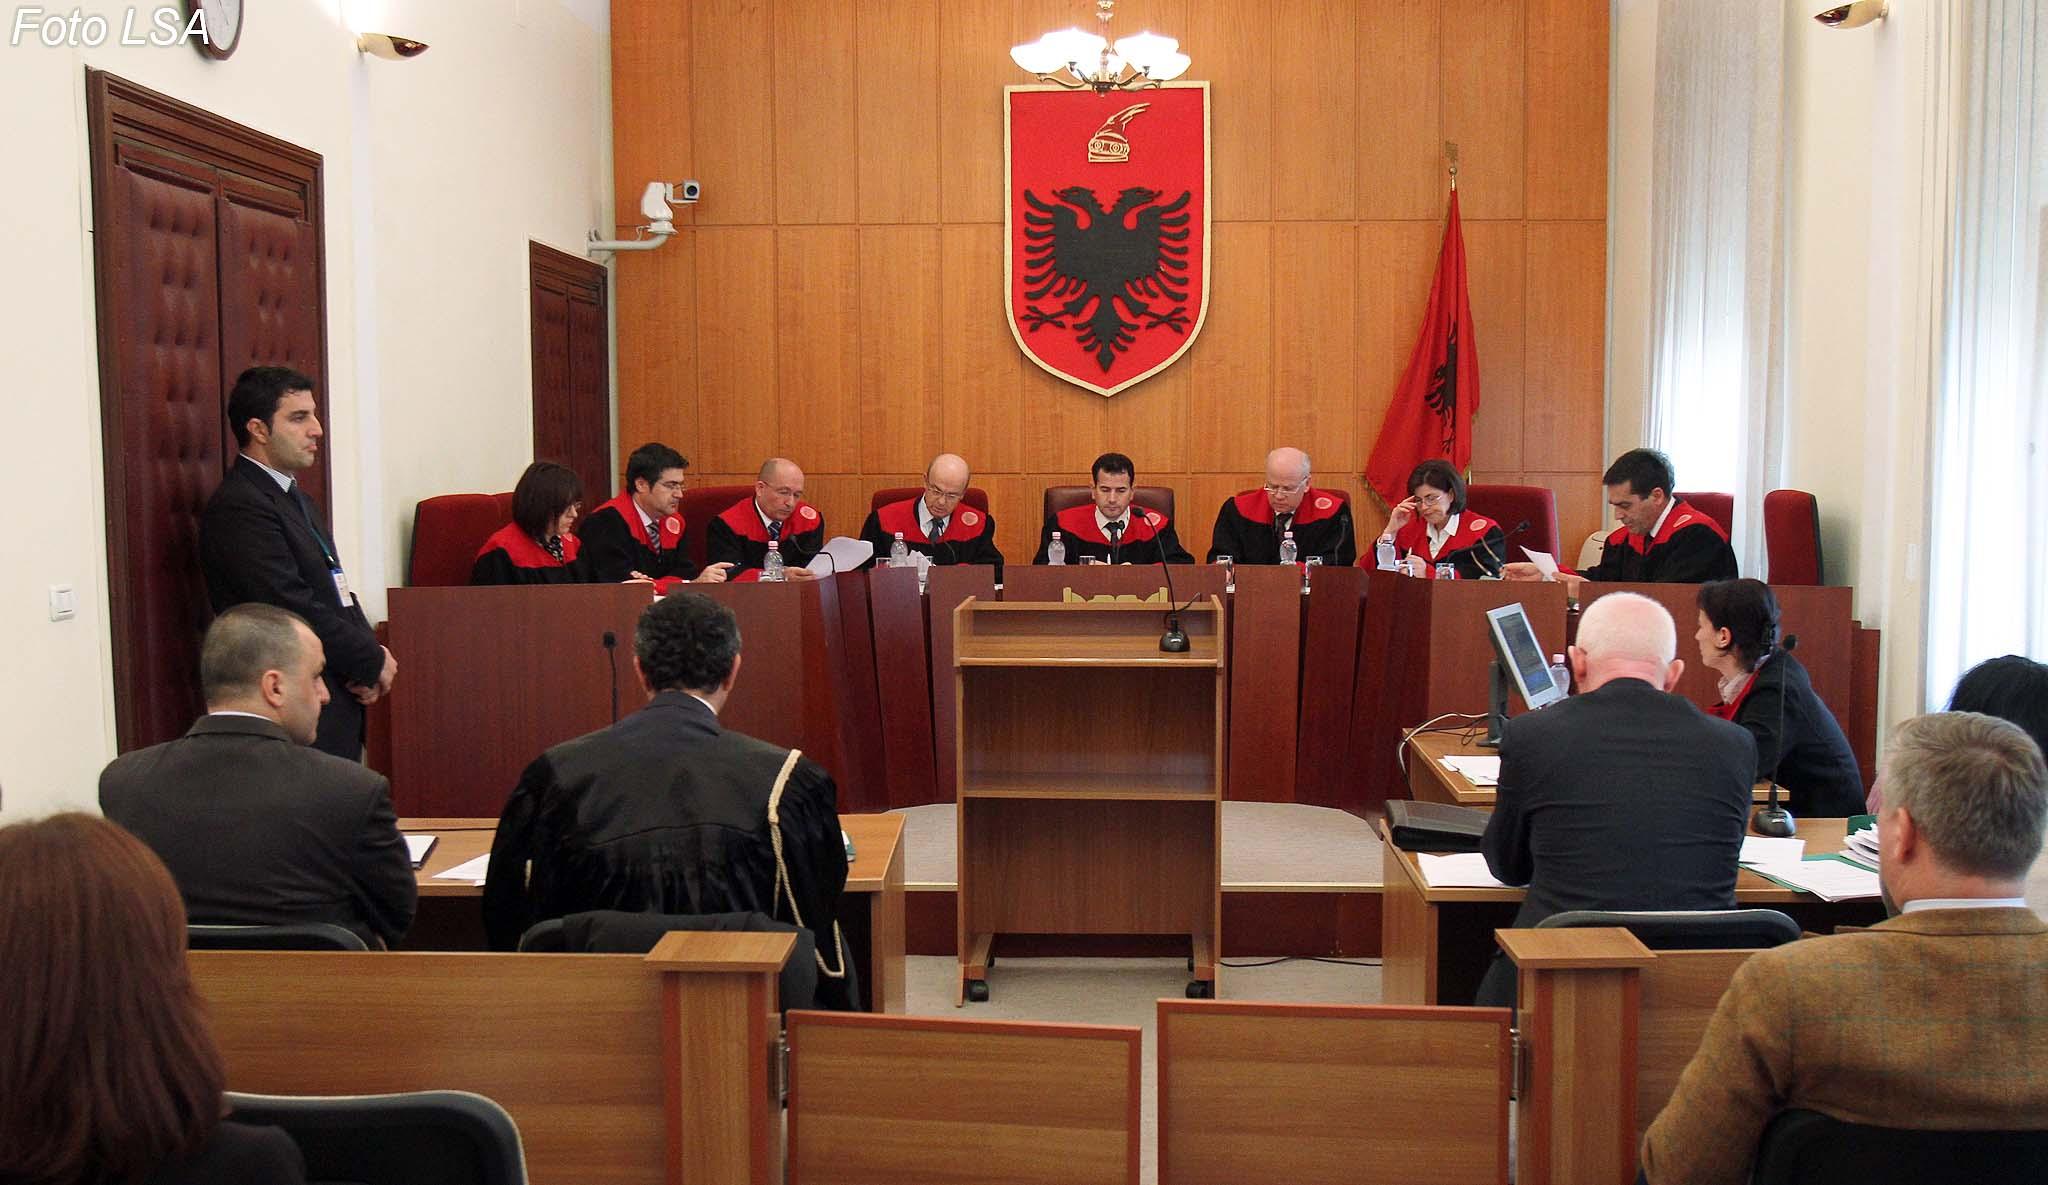 Zbardhet pasuria, ja sa para kanë gjyqtarët e Kushtetueses